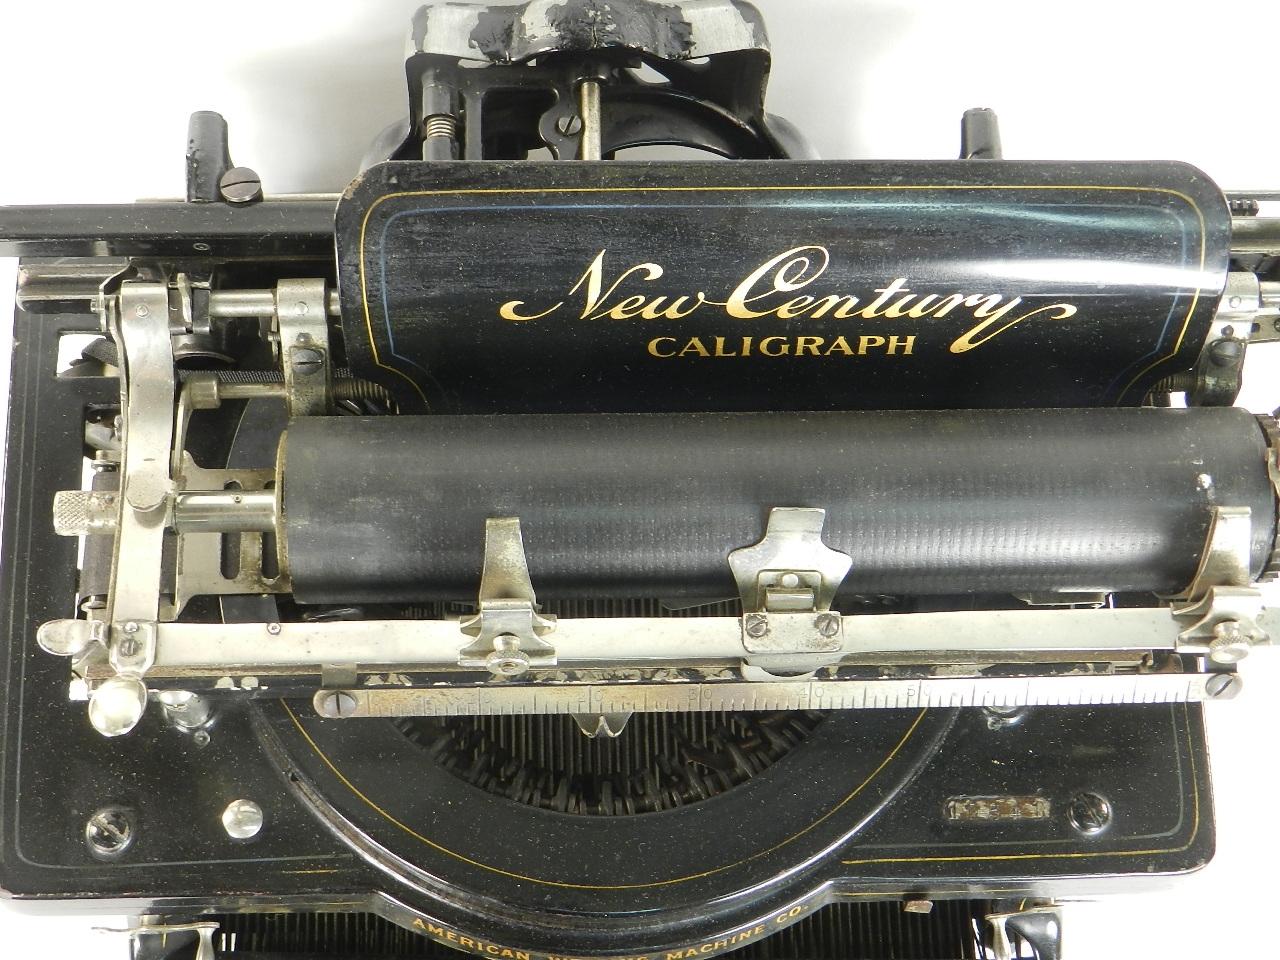 Imagen NEW CENTURY CALIGRAPH Nº5  AÑO 1897 27133